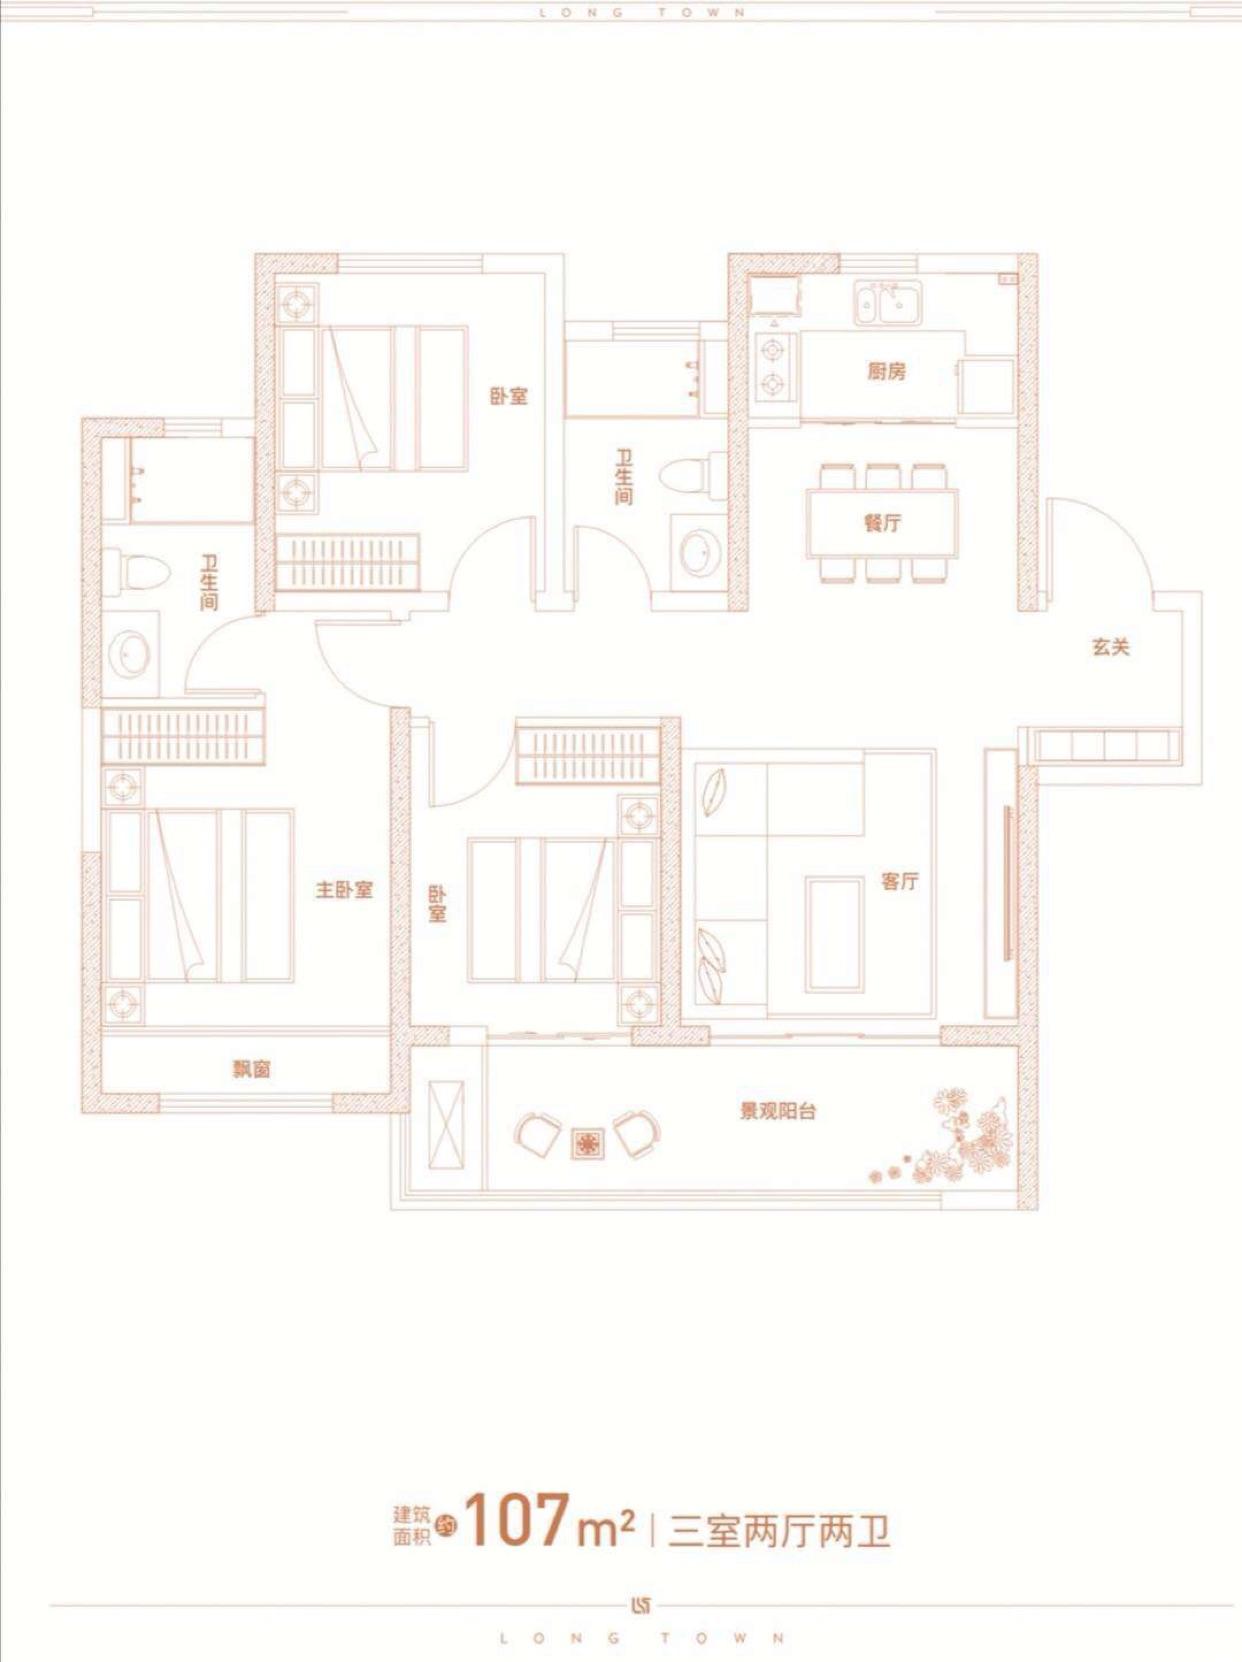 朗基龙唐 3室2厅2卫 63万元